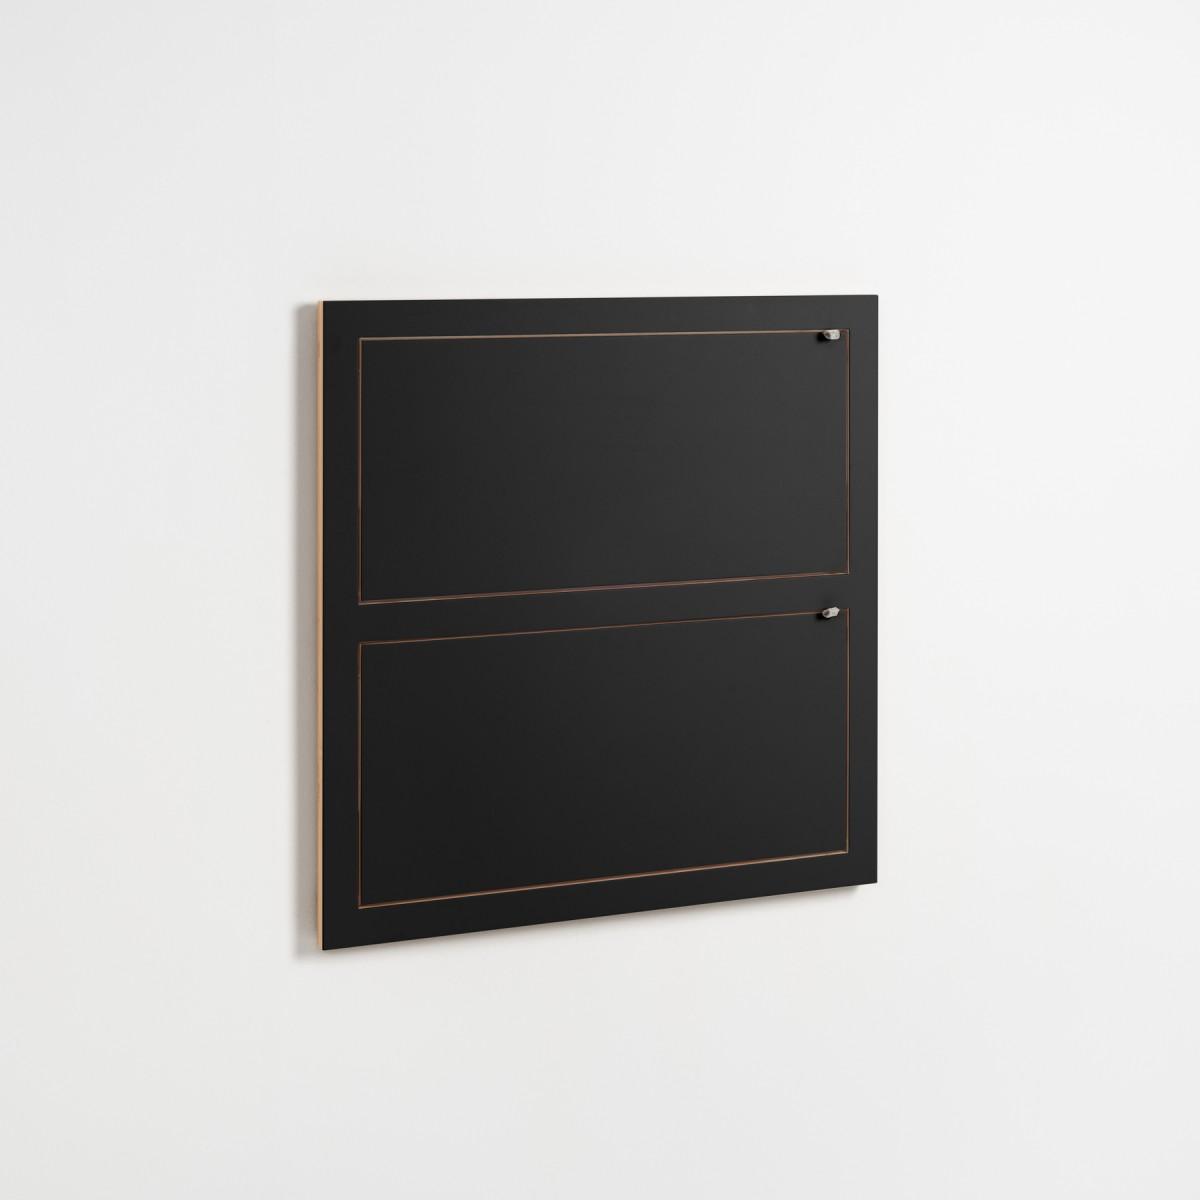 AMBIVALENZ Fläpps Regal 80x80 - 2